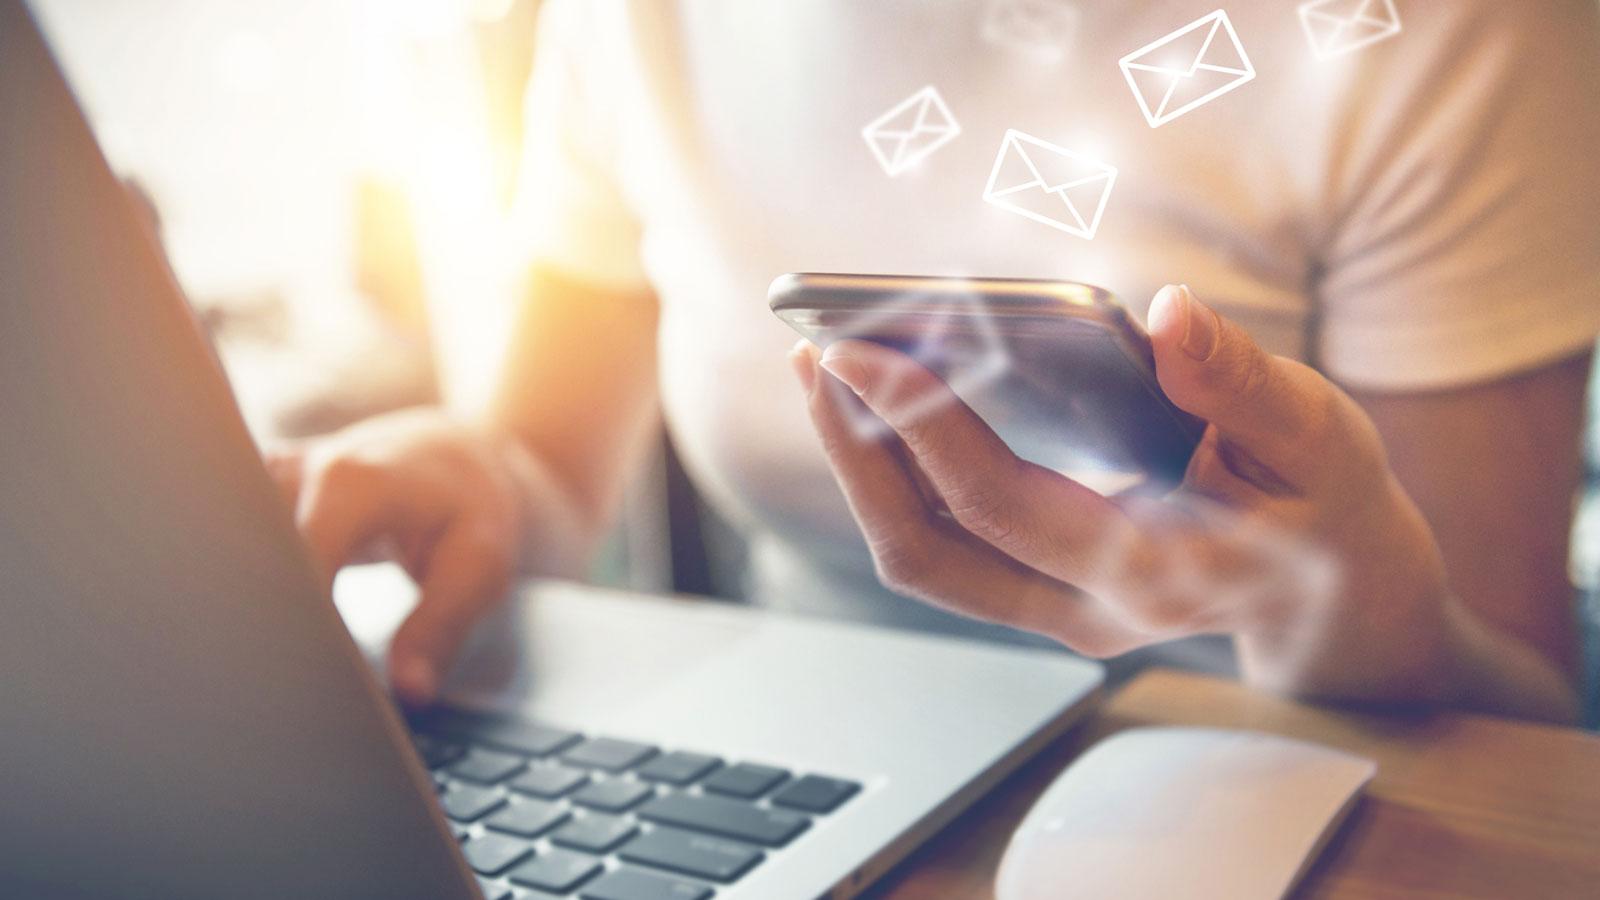 Mit der Software MailStore können Sie ihren privaten E-Mails archivieren und sichern